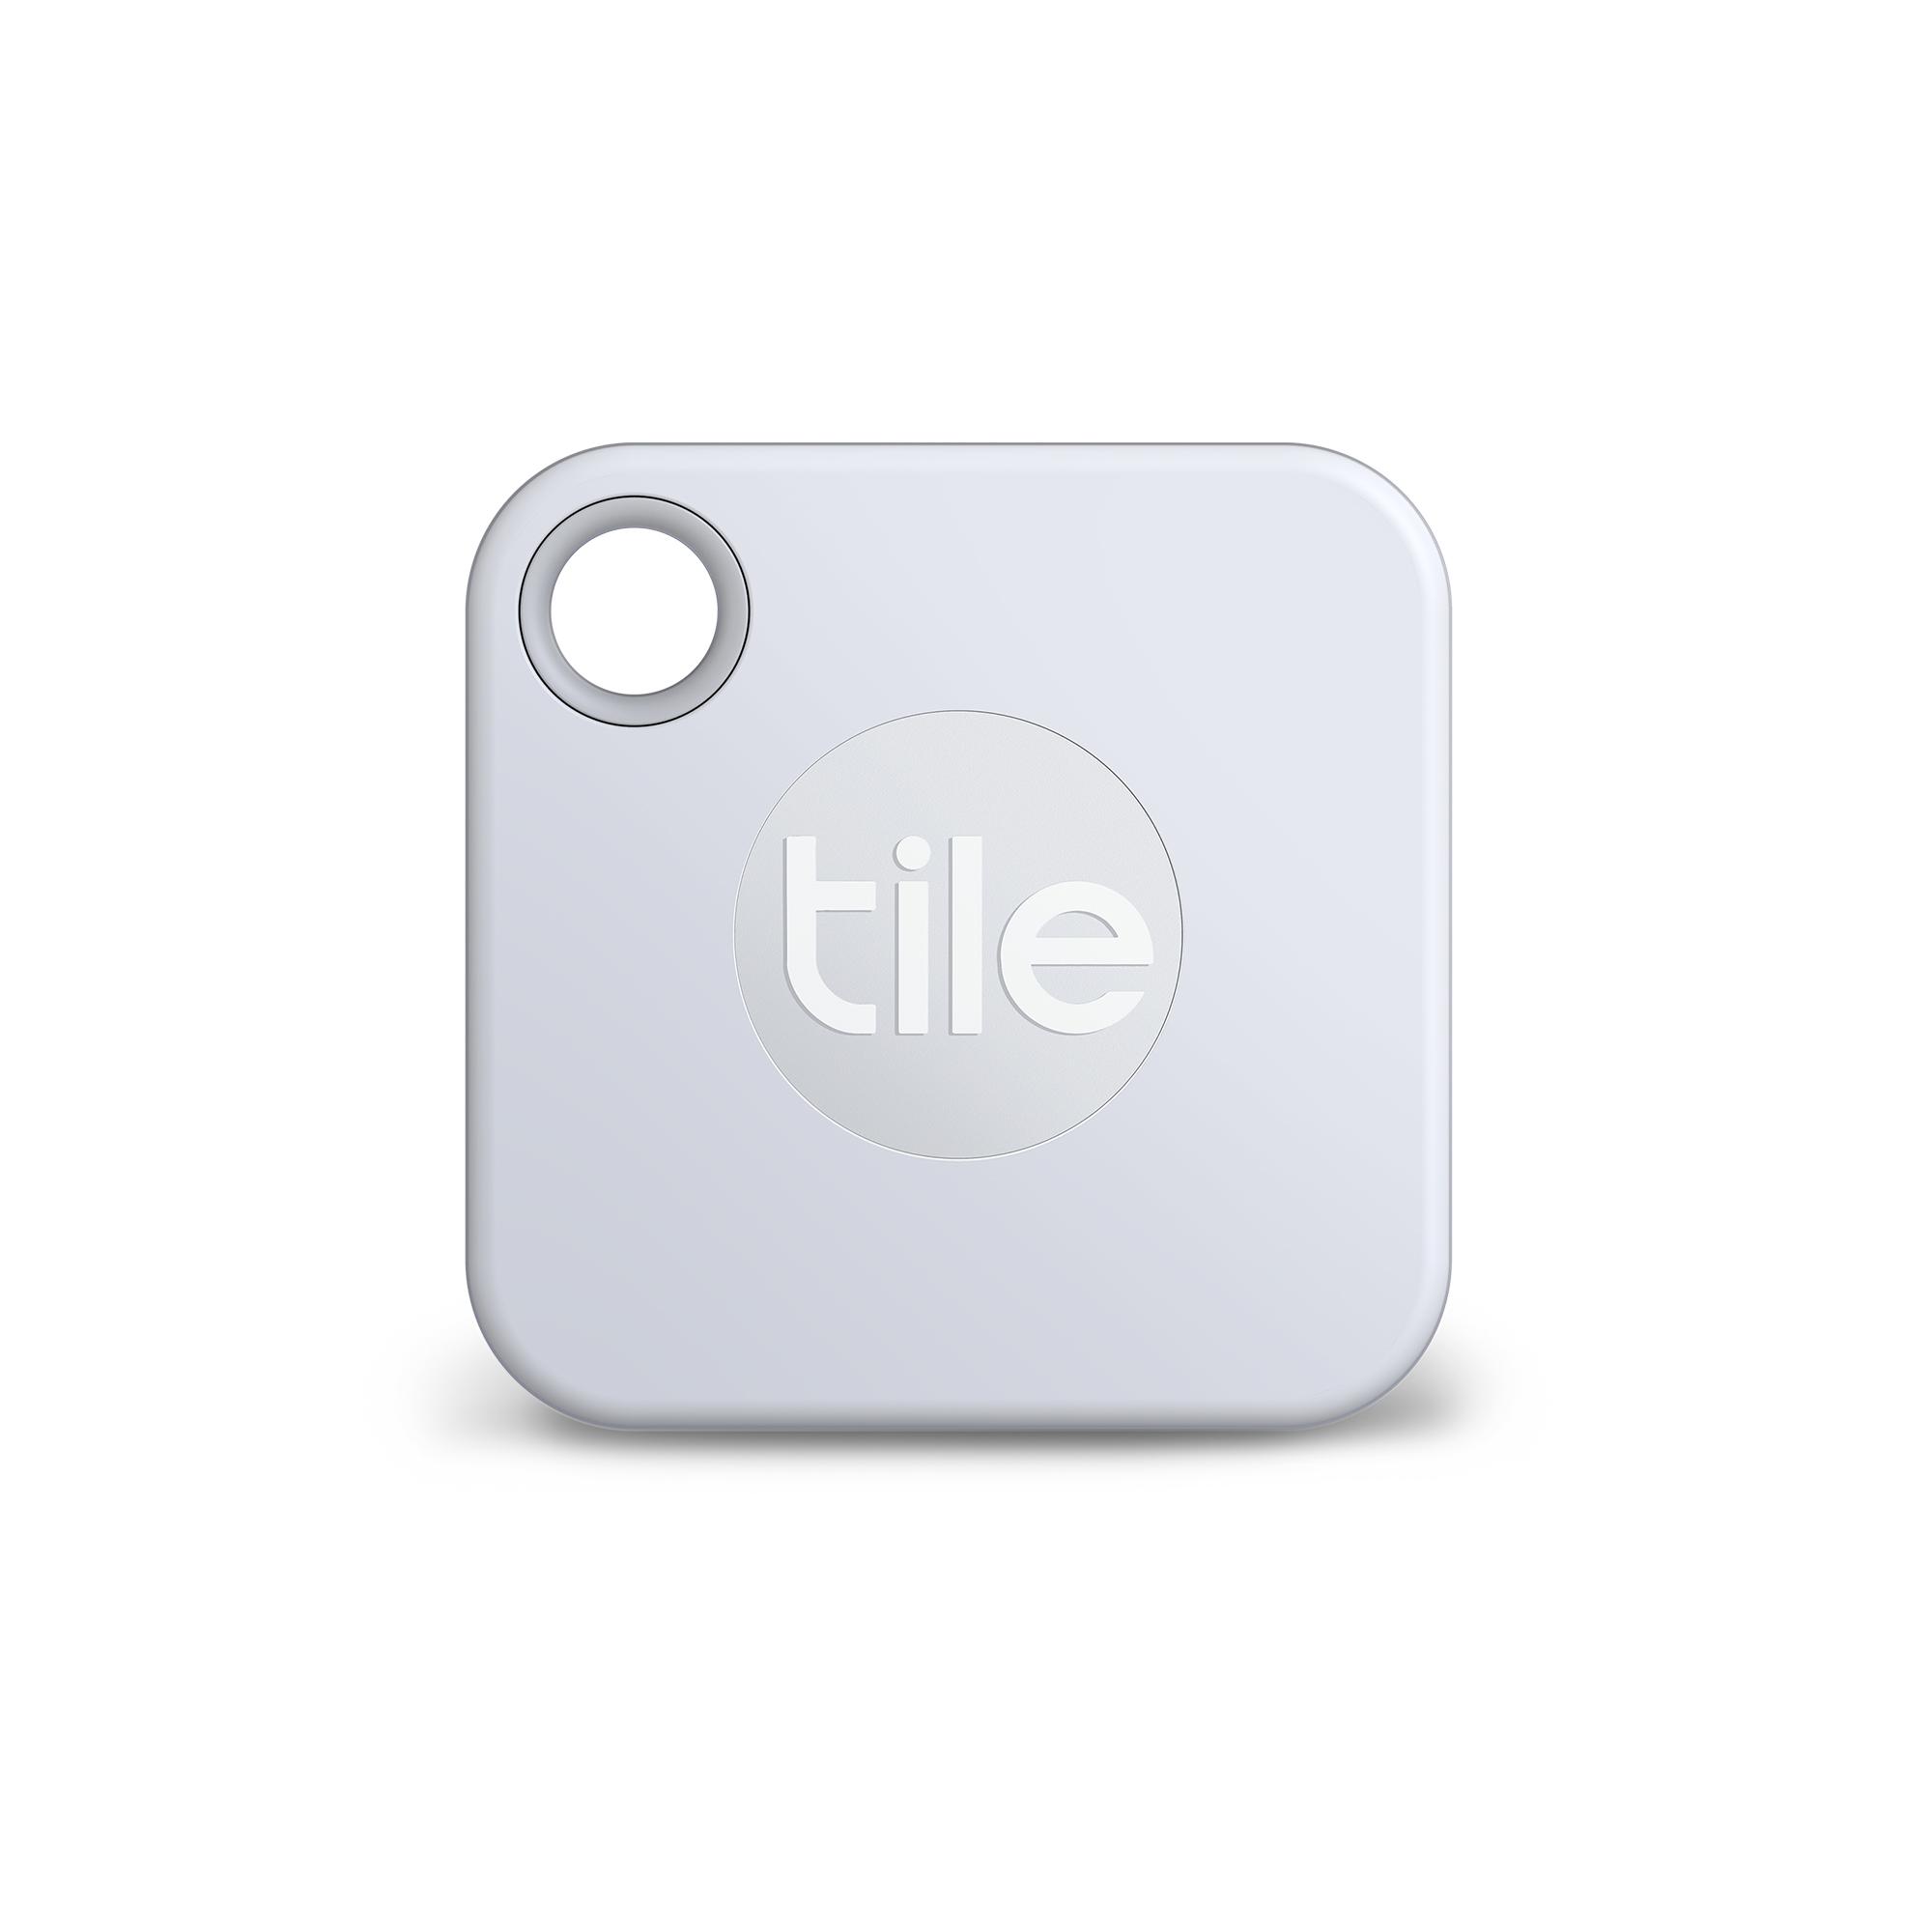 Tile versatile tracker for everyday things | Tile